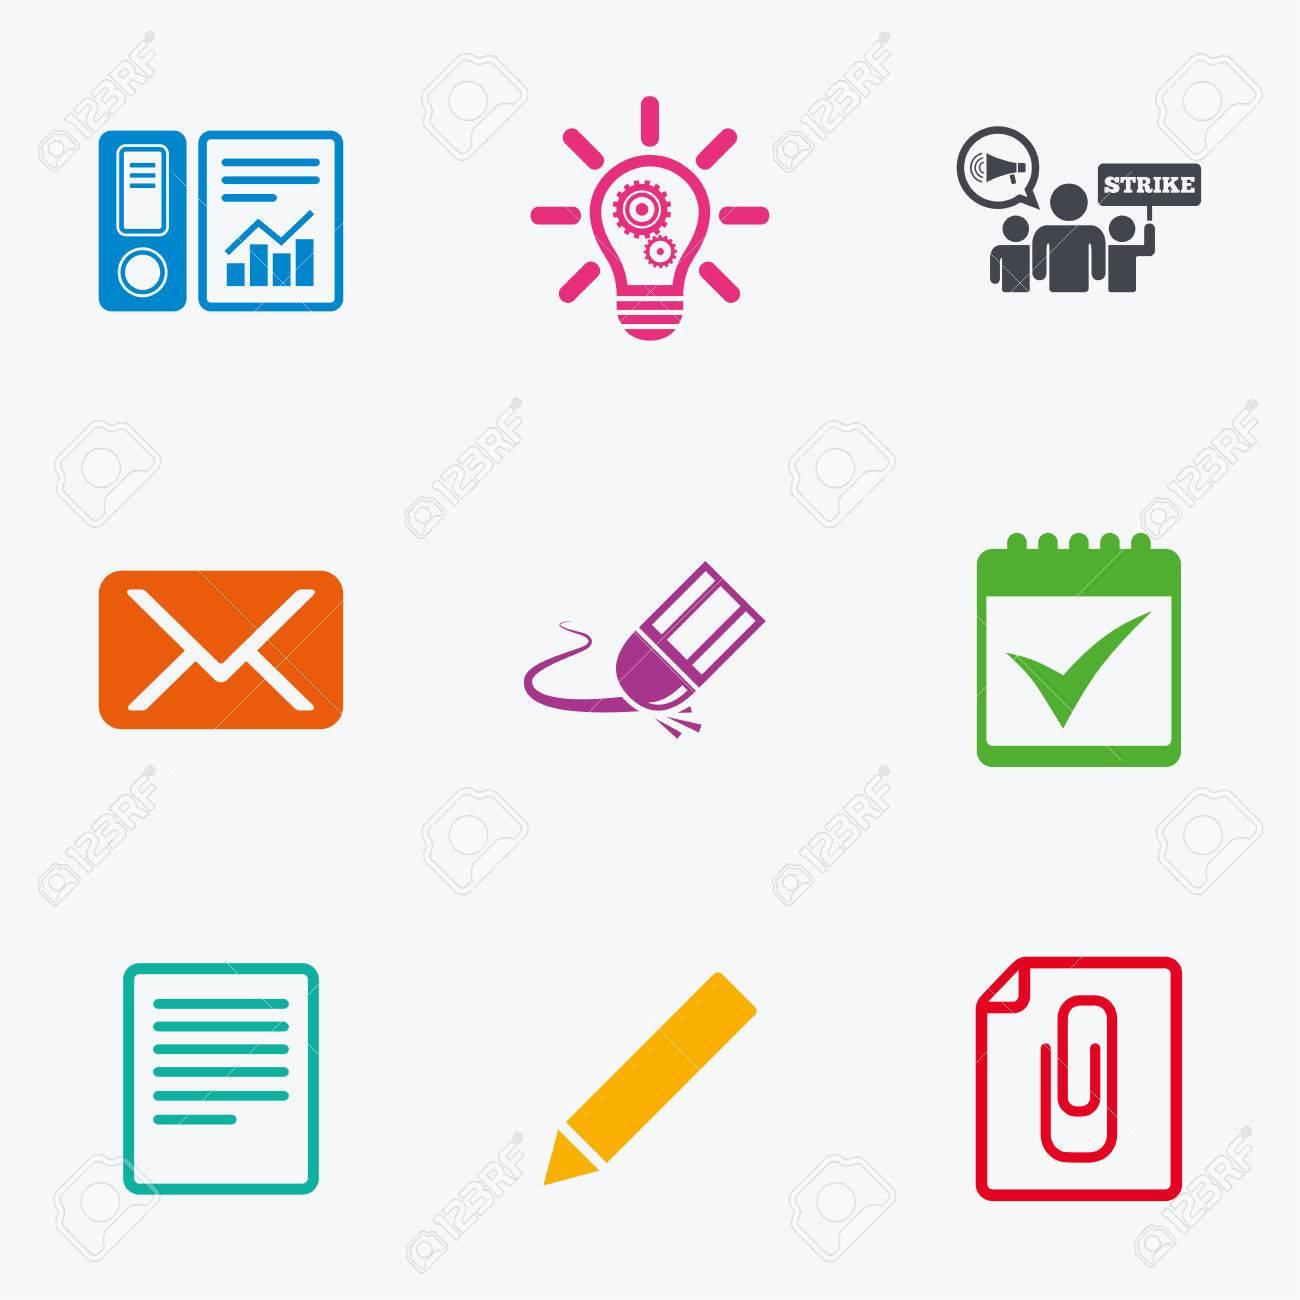 Calendario Segni.Office Documenti E Icone Del Mondo Contabilita Sciopero E Calendario Segni Mail Idee E Simboli Statistiche Piatte Colorate Icone Grafiche